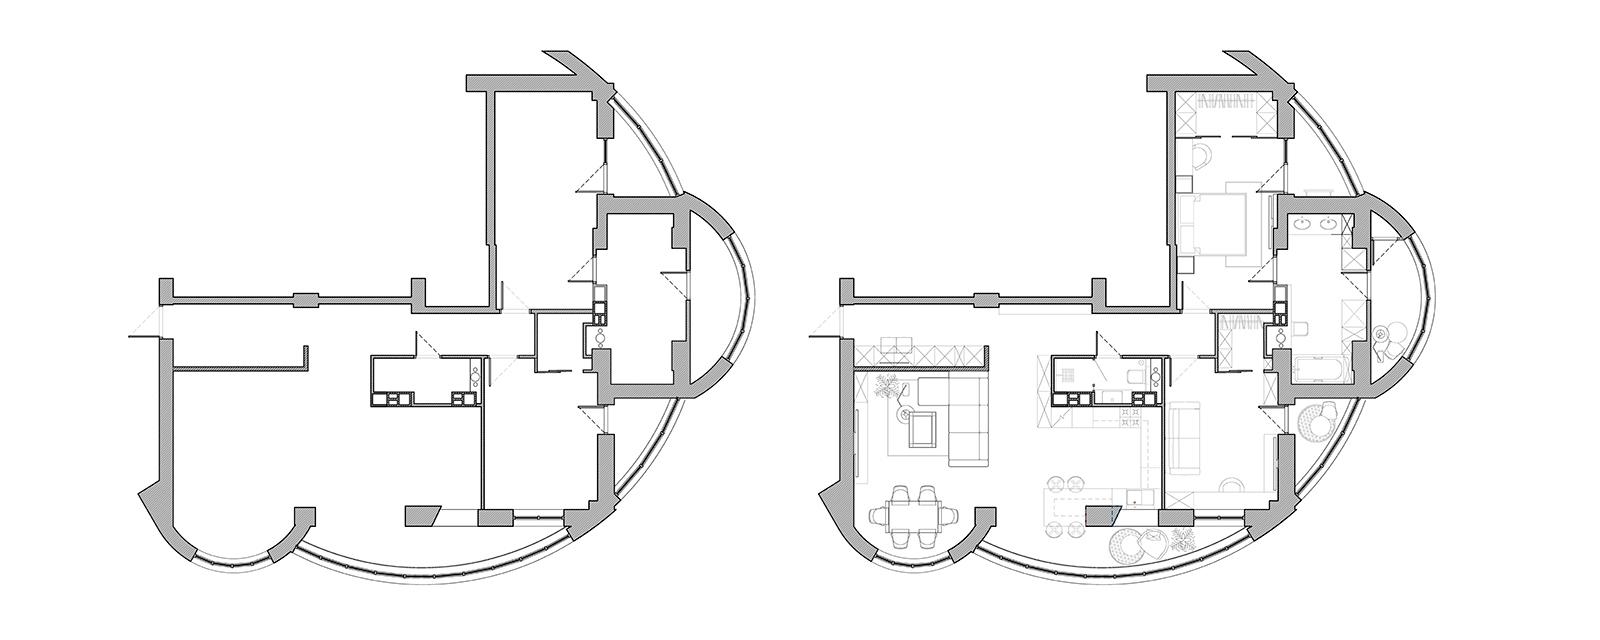 Планировка квартиры в ЖК «Мегаполис» | Дизайн студия – Rhome.by